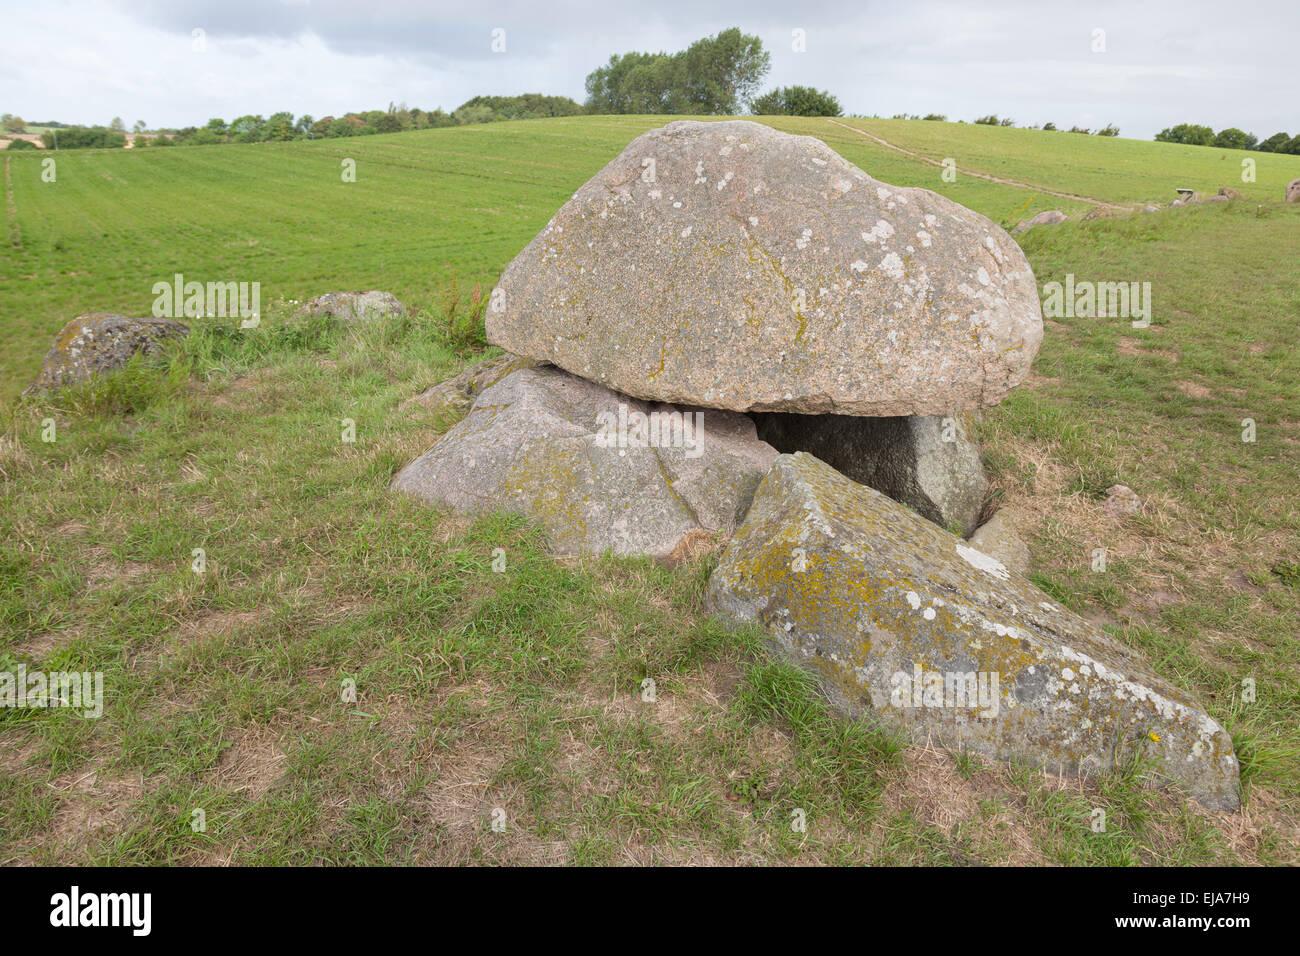 Tumba de piedra de humilde Imagen De Stock